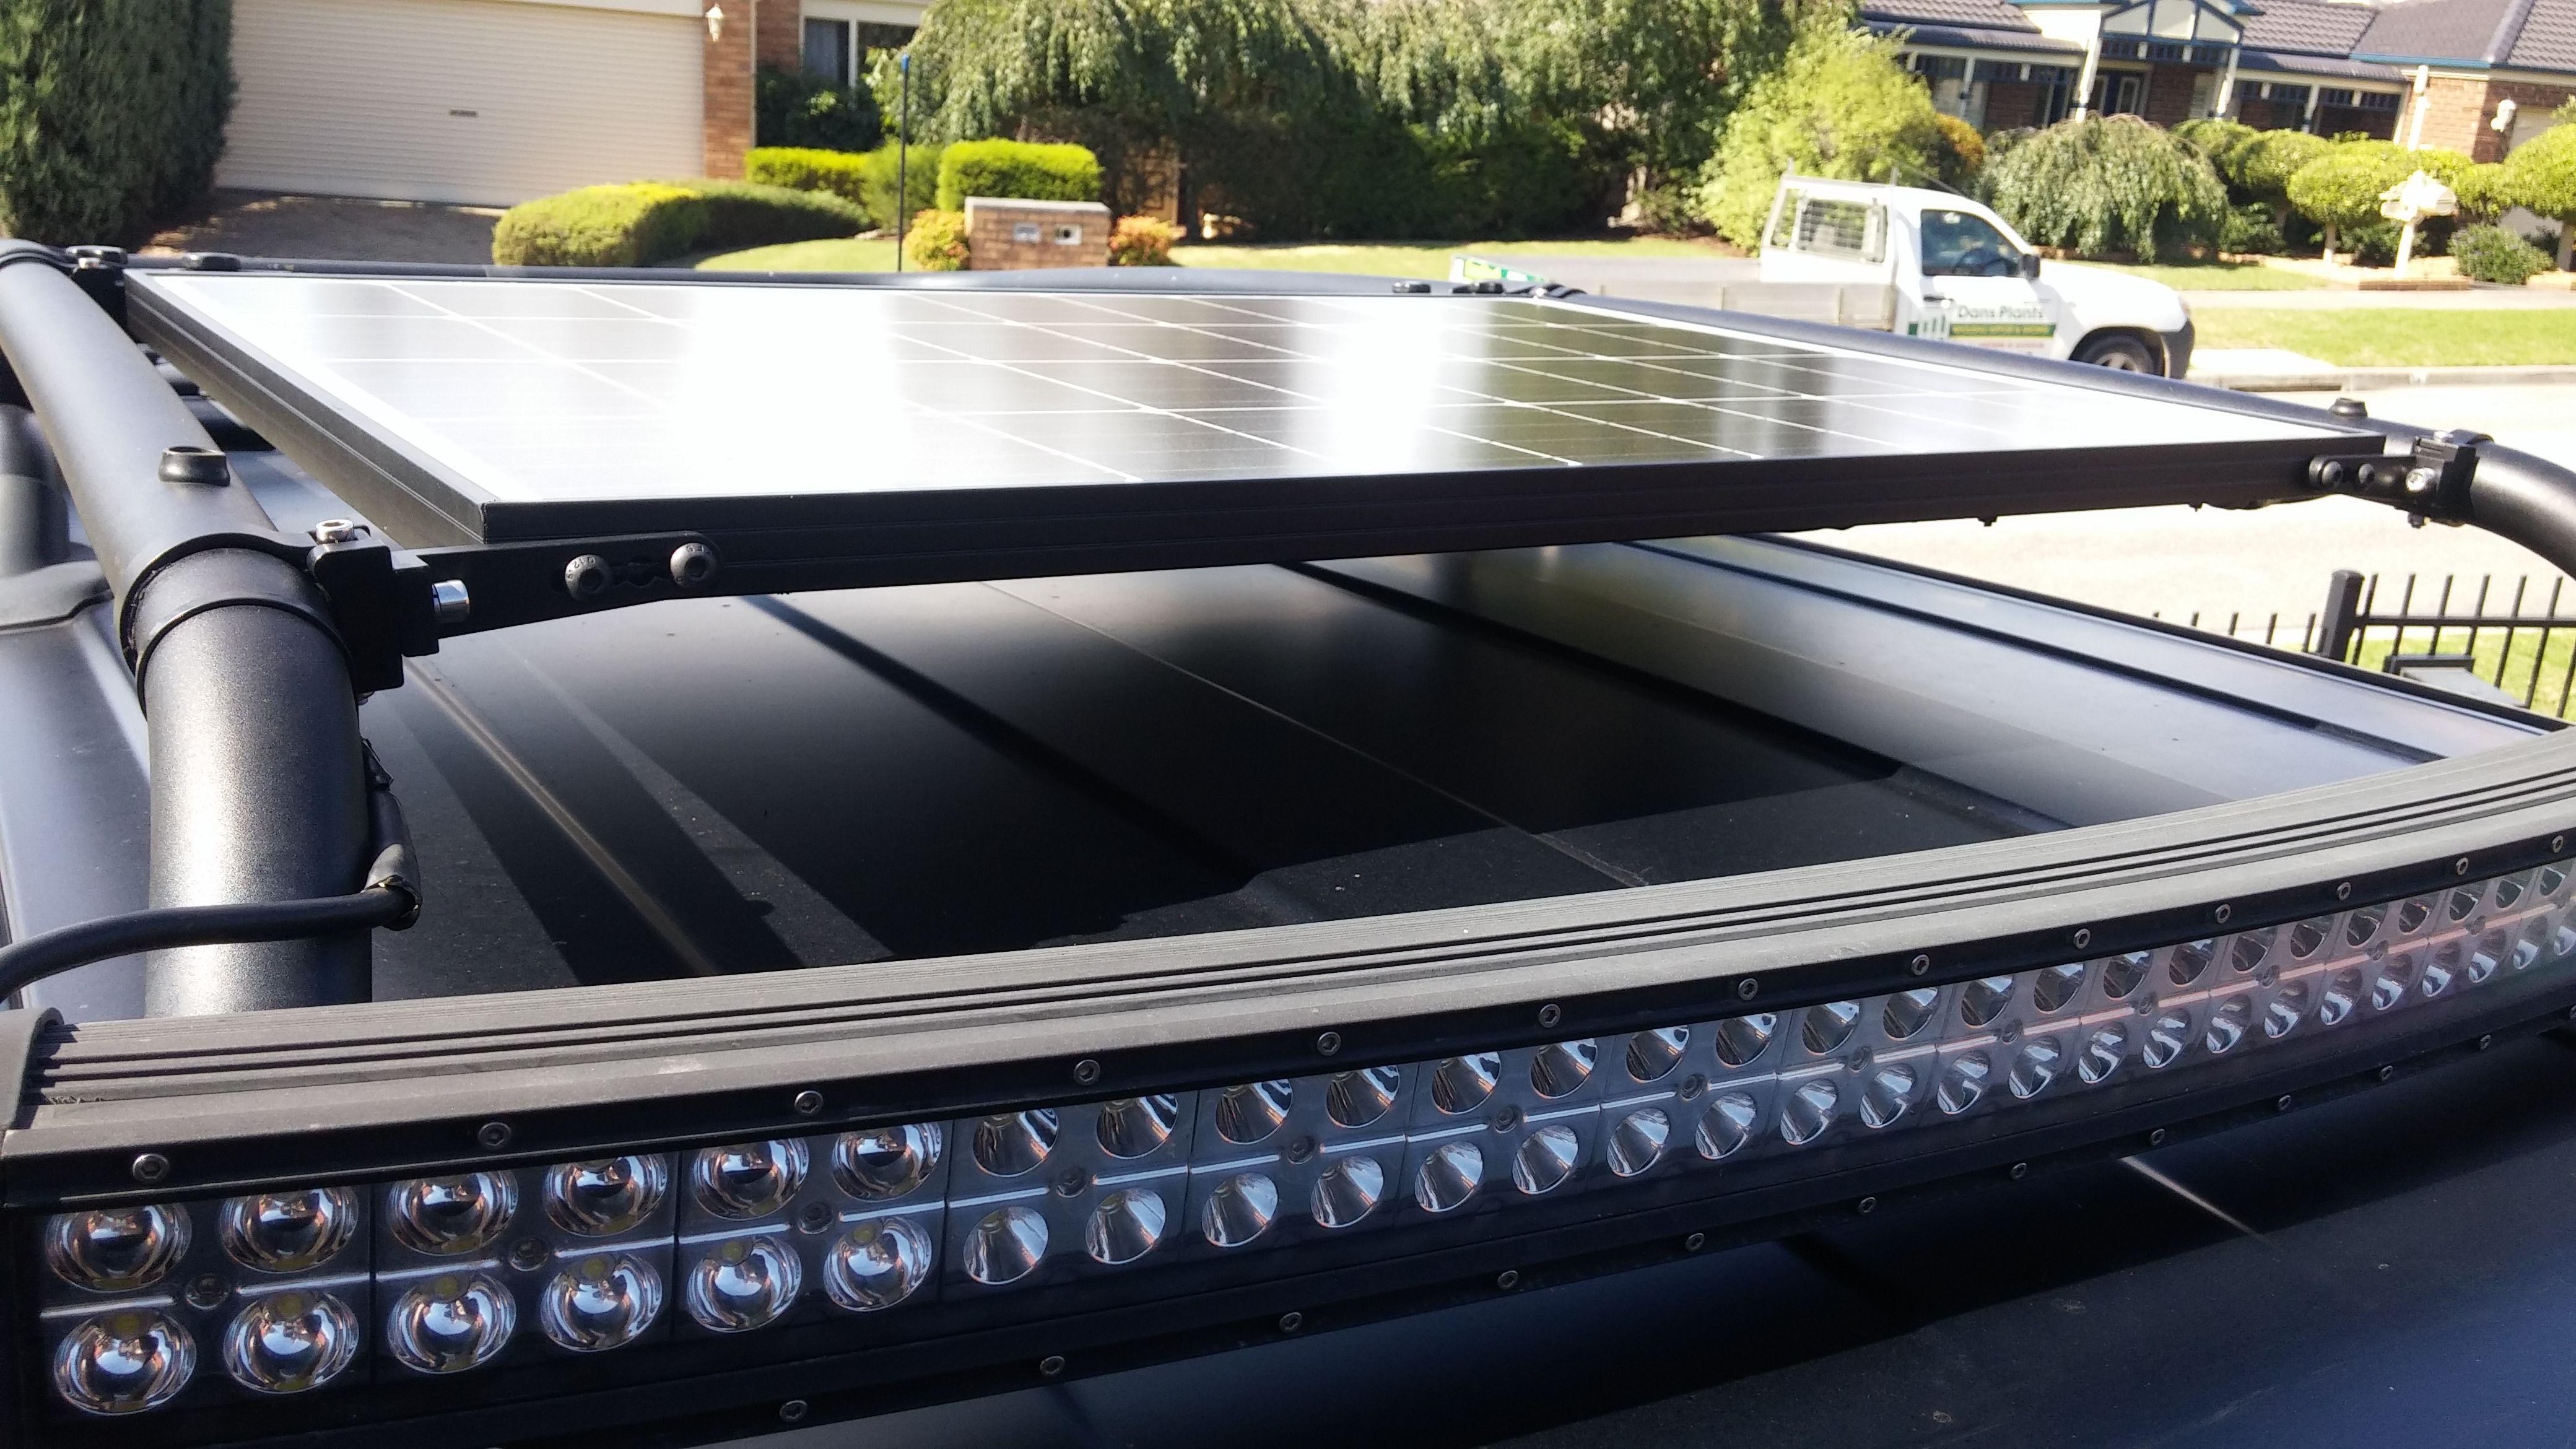 Fj Cruiser Solar Panel Added To Stock Roof Rack With Led Light Bar Mounts Led Light Bar Mounts Bar Lighting Led Lights